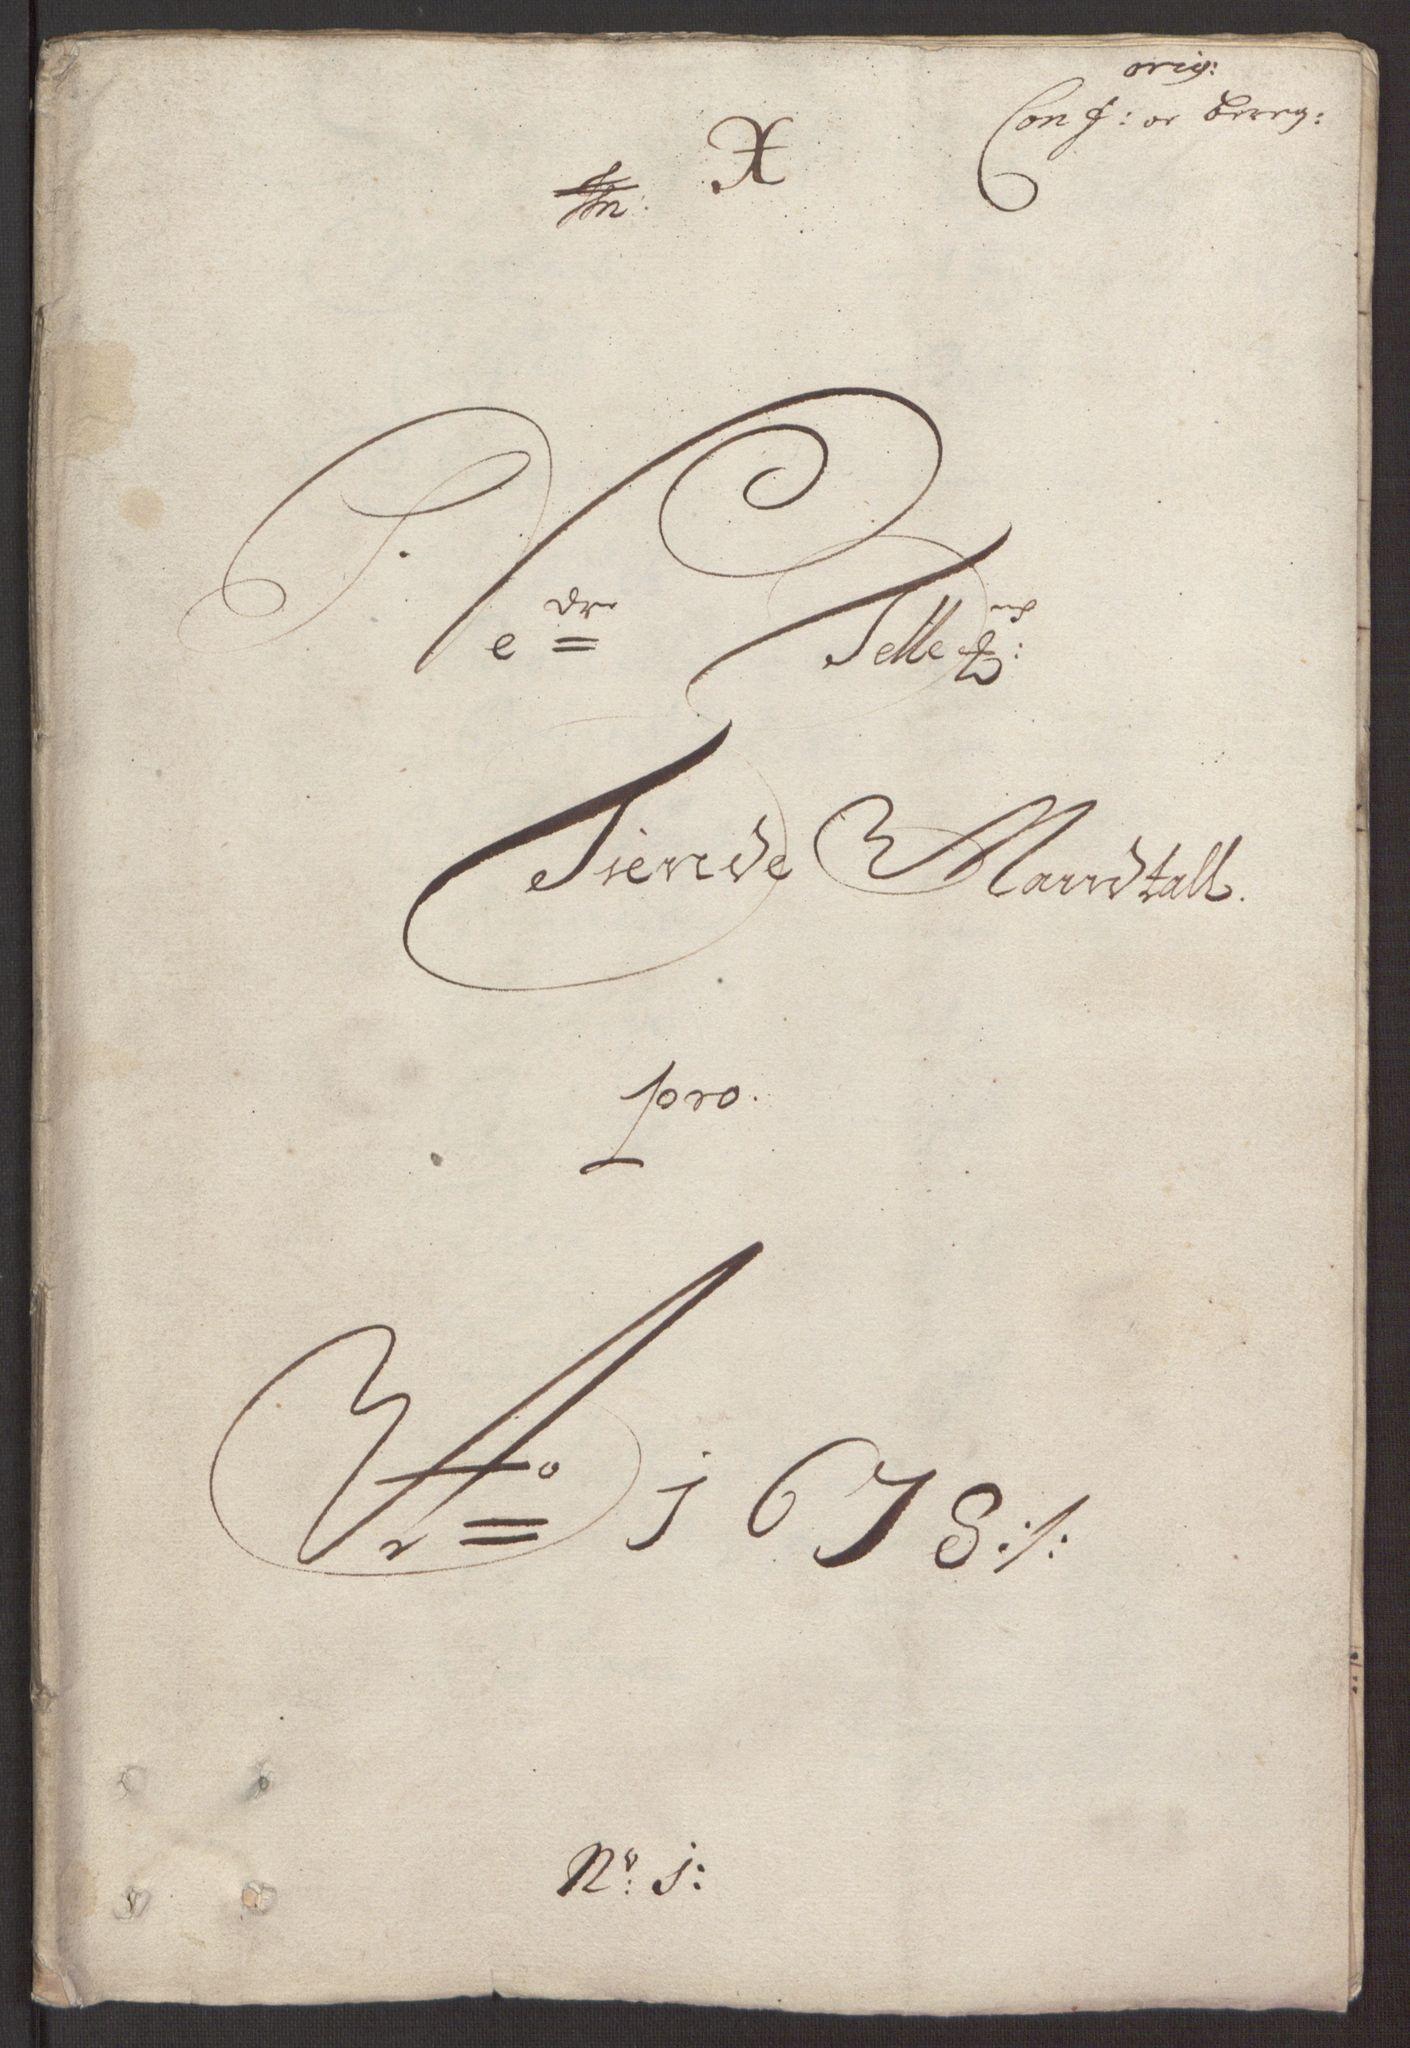 RA, Rentekammeret inntil 1814, Reviderte regnskaper, Fogderegnskap, R35/L2069: Fogderegnskap Øvre og Nedre Telemark, 1678, s. 101